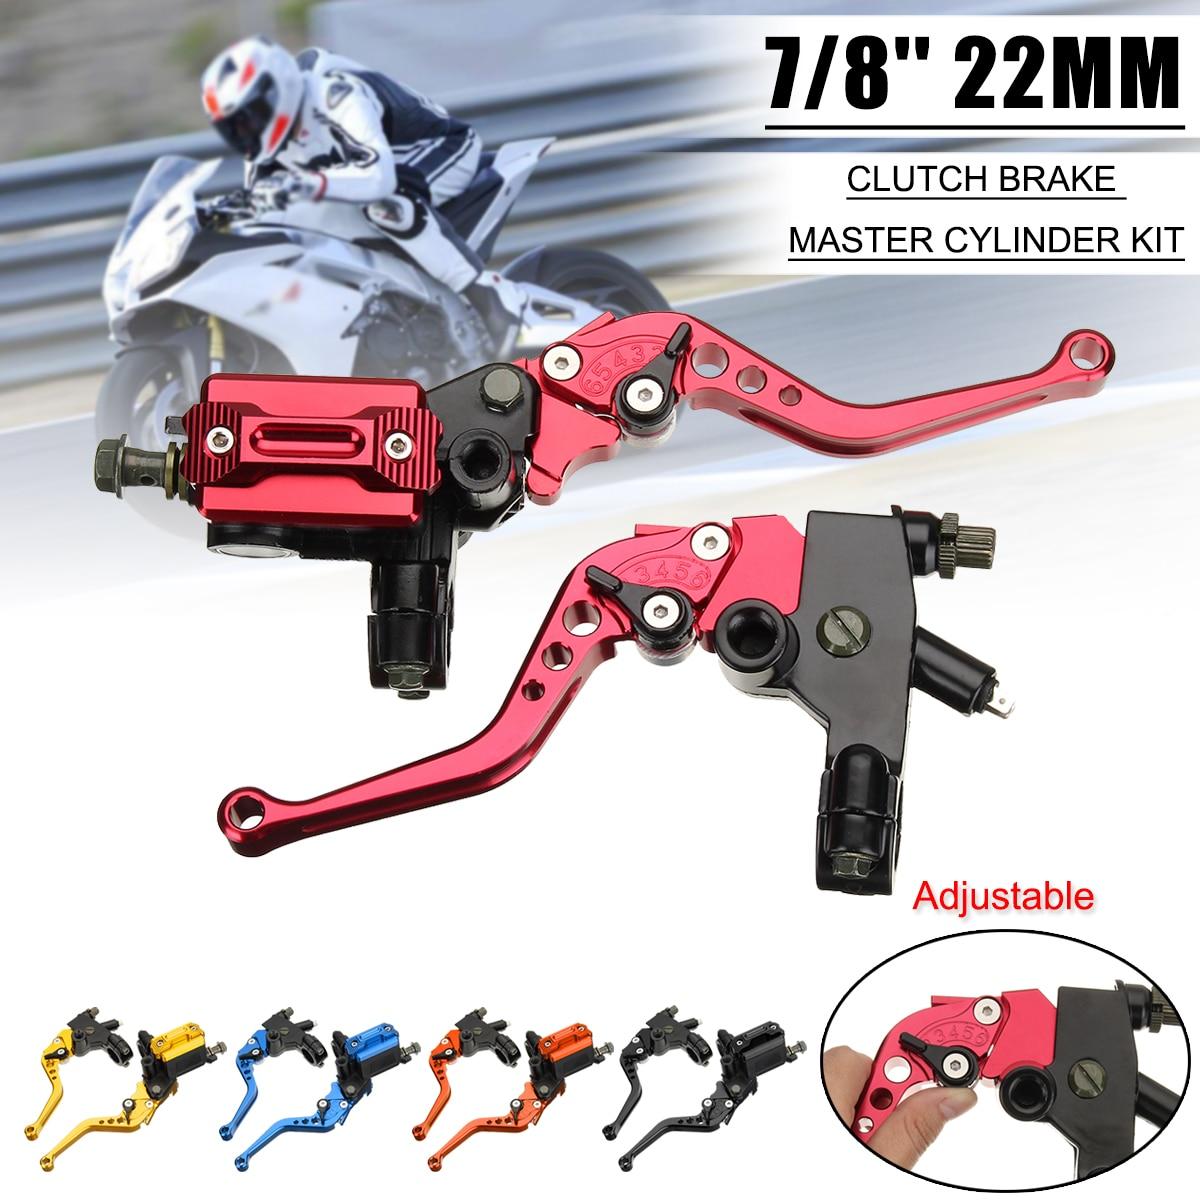 2 piezas 7/8 CNC Universal de freno de la motocicleta cilindro maestro del embrague palanca de Cable de embrague depósito para Scooter deporte Street de la bici de la suciedad